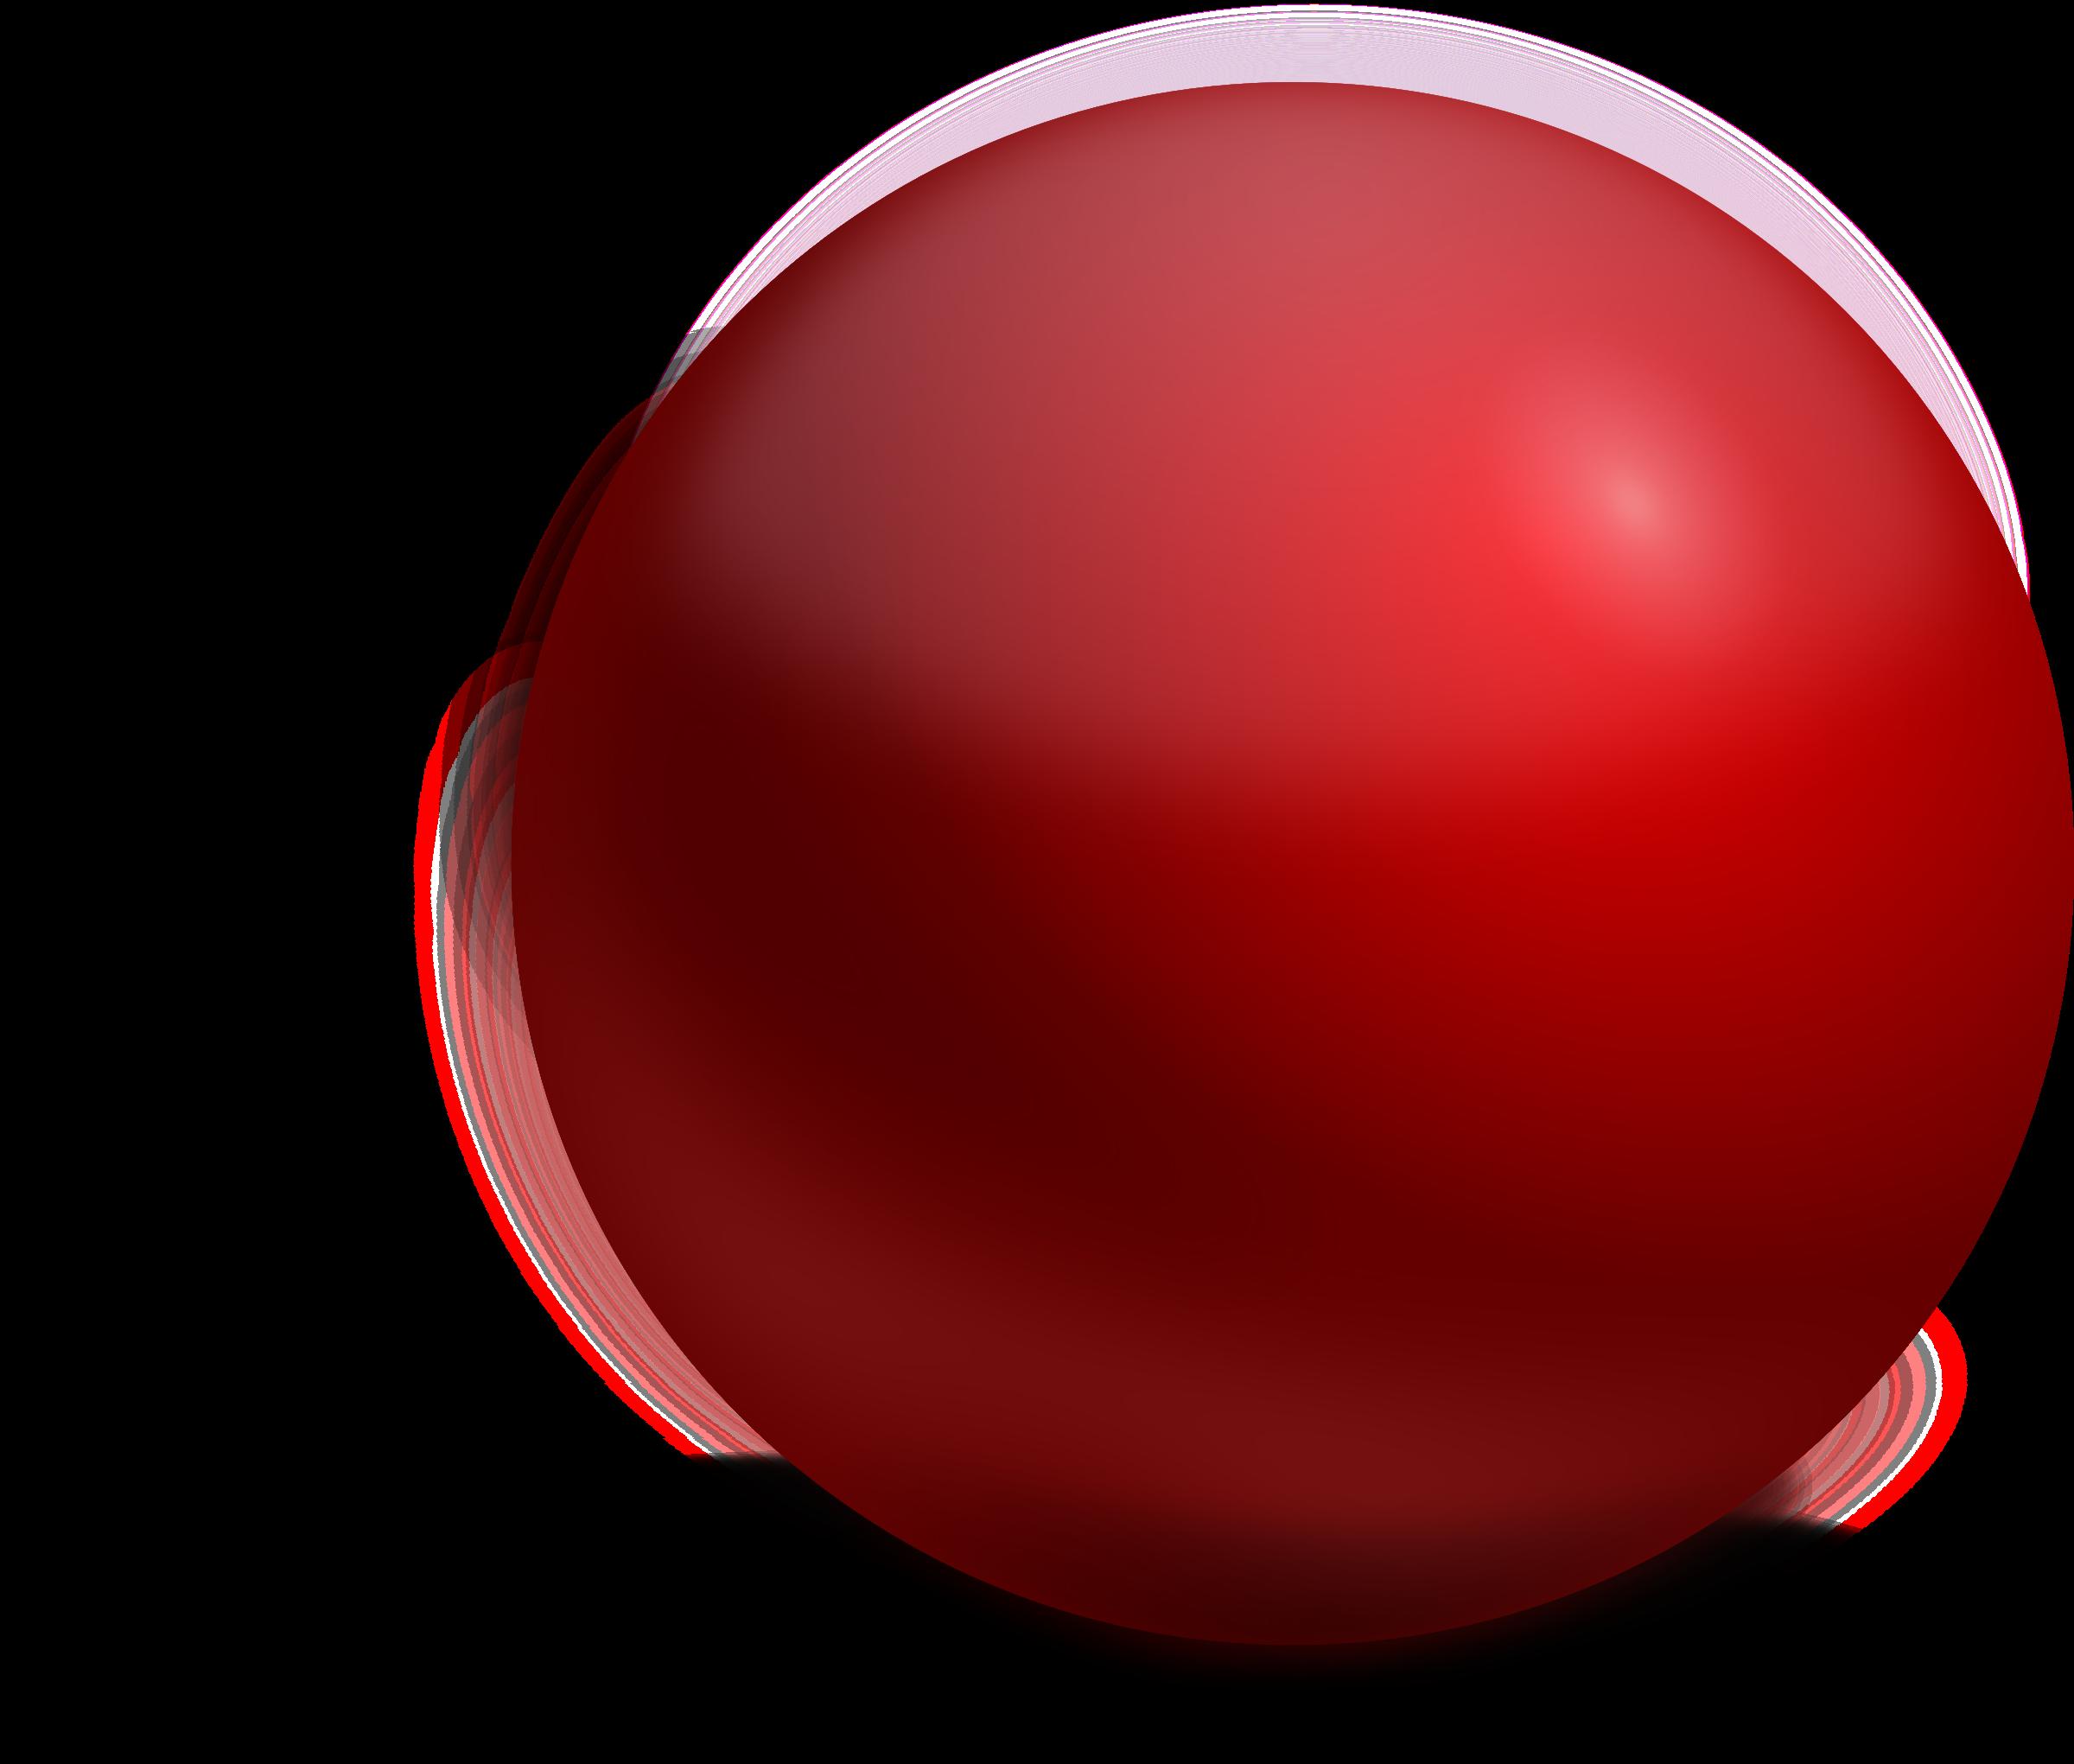 Clipart world sphere clip art spheres vector ball.